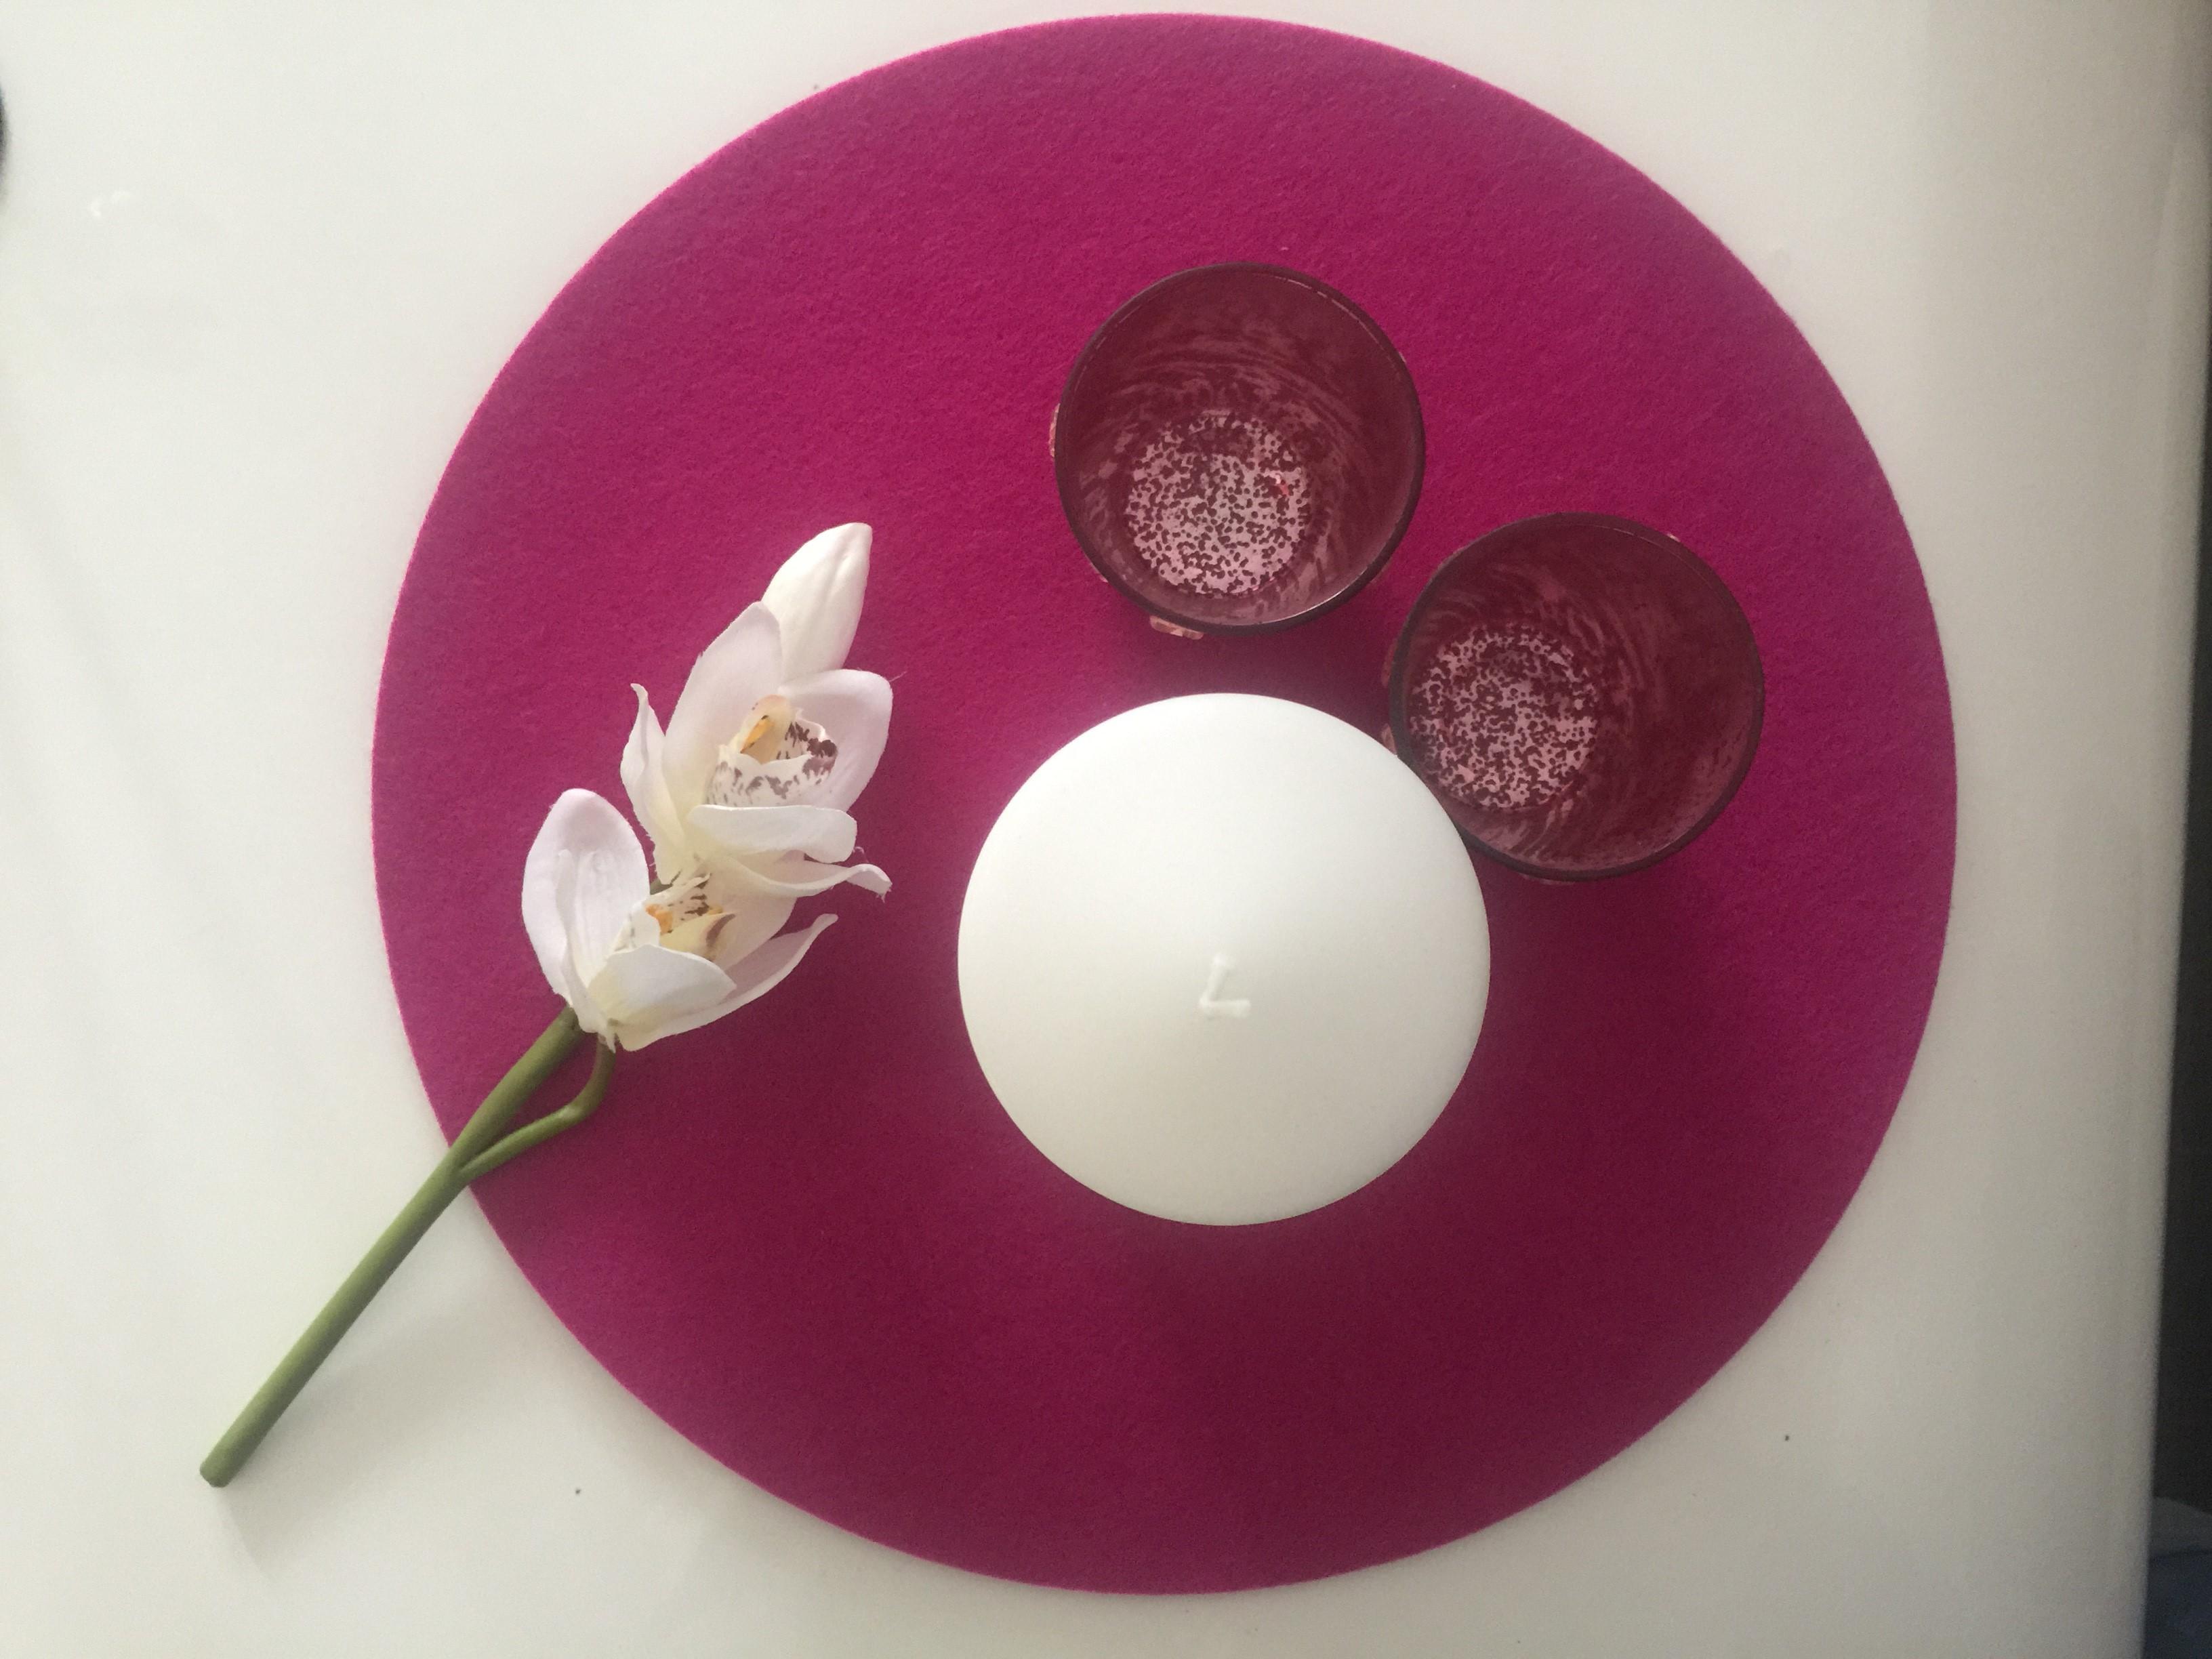 Mein Zwergenland Personalisierte Kerze zur Taufe mit Name und Datum Motiv 28 Creme Blumenkranz